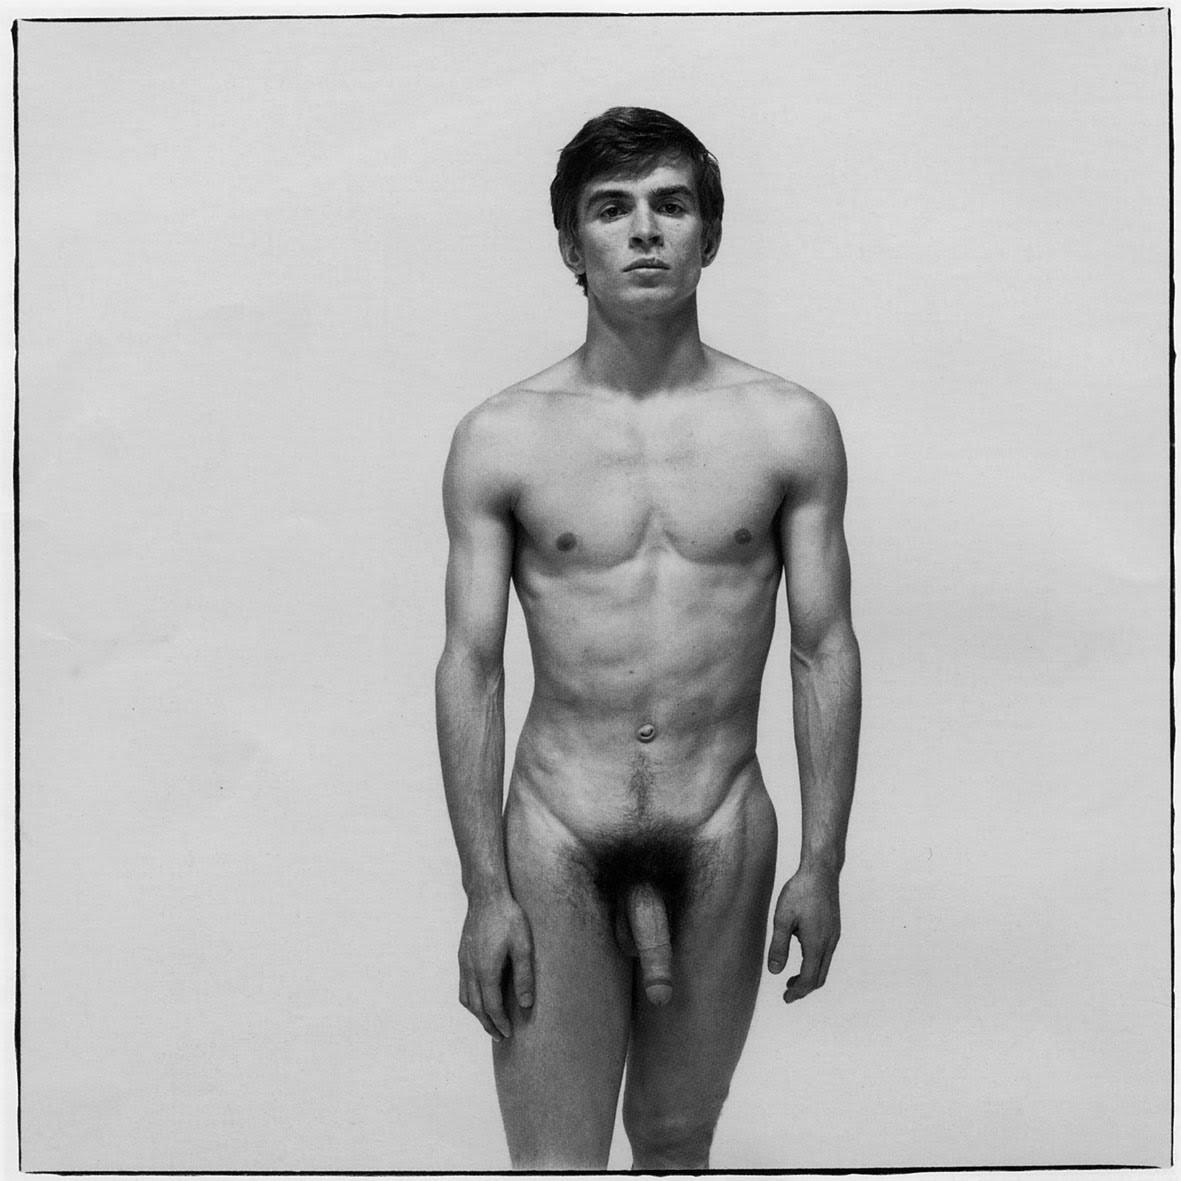 Танцующие голые мужчины 23 фотография